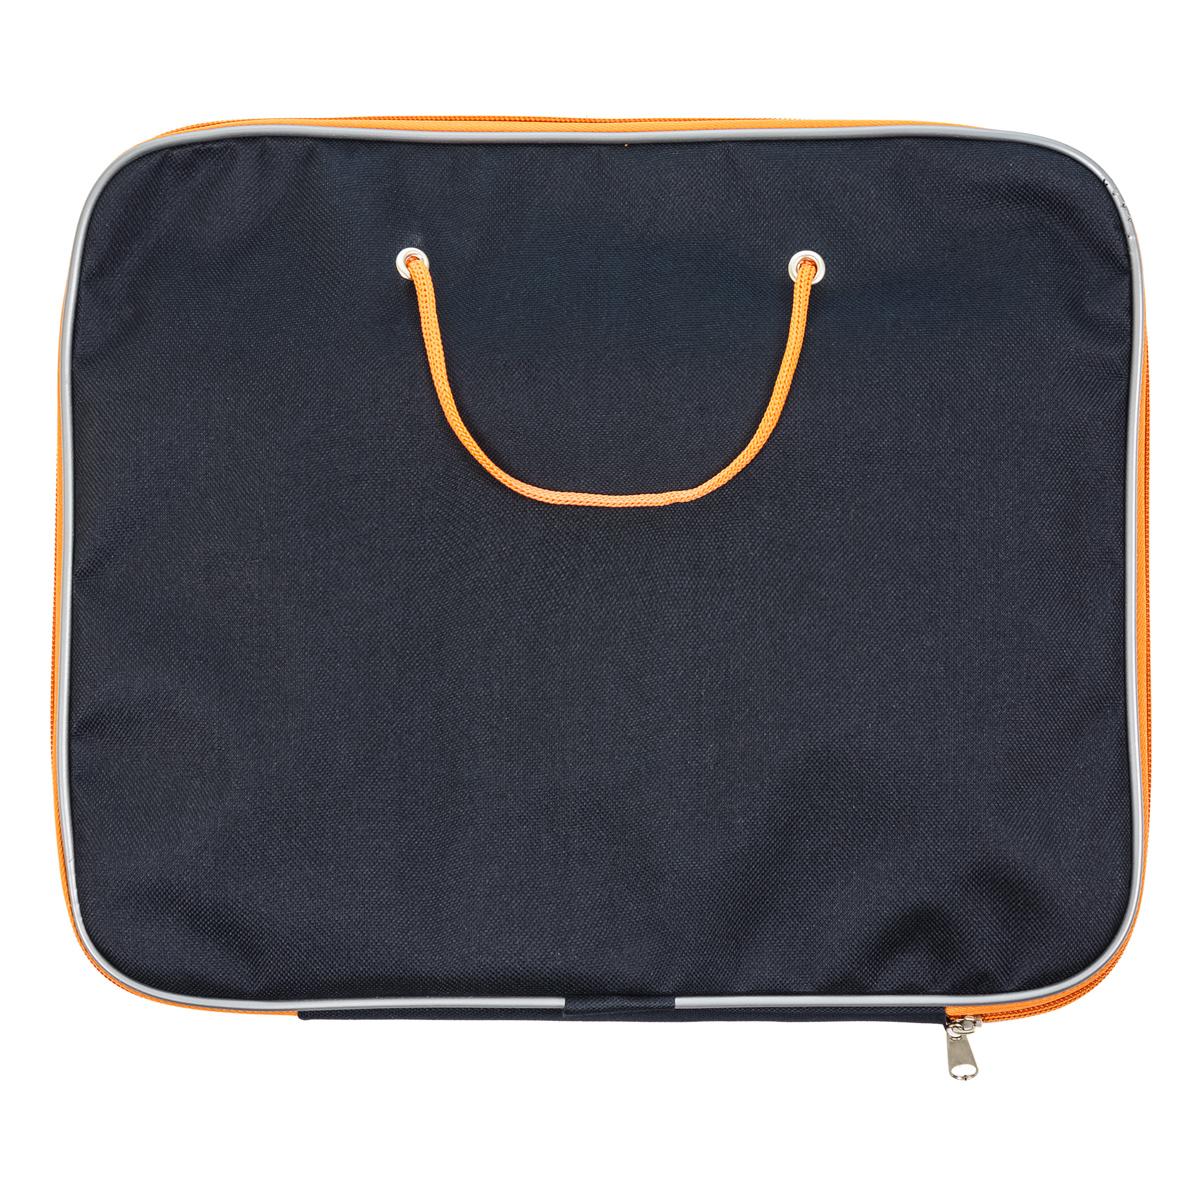 Сумка Офис стандарт Оранжевый р. 33х27Сумки и др. изделия из кожи<br>Плотность ткани: 600 den<br><br>Тип: Сумка<br>Размер: 33х27<br>Материал: Оксфорд